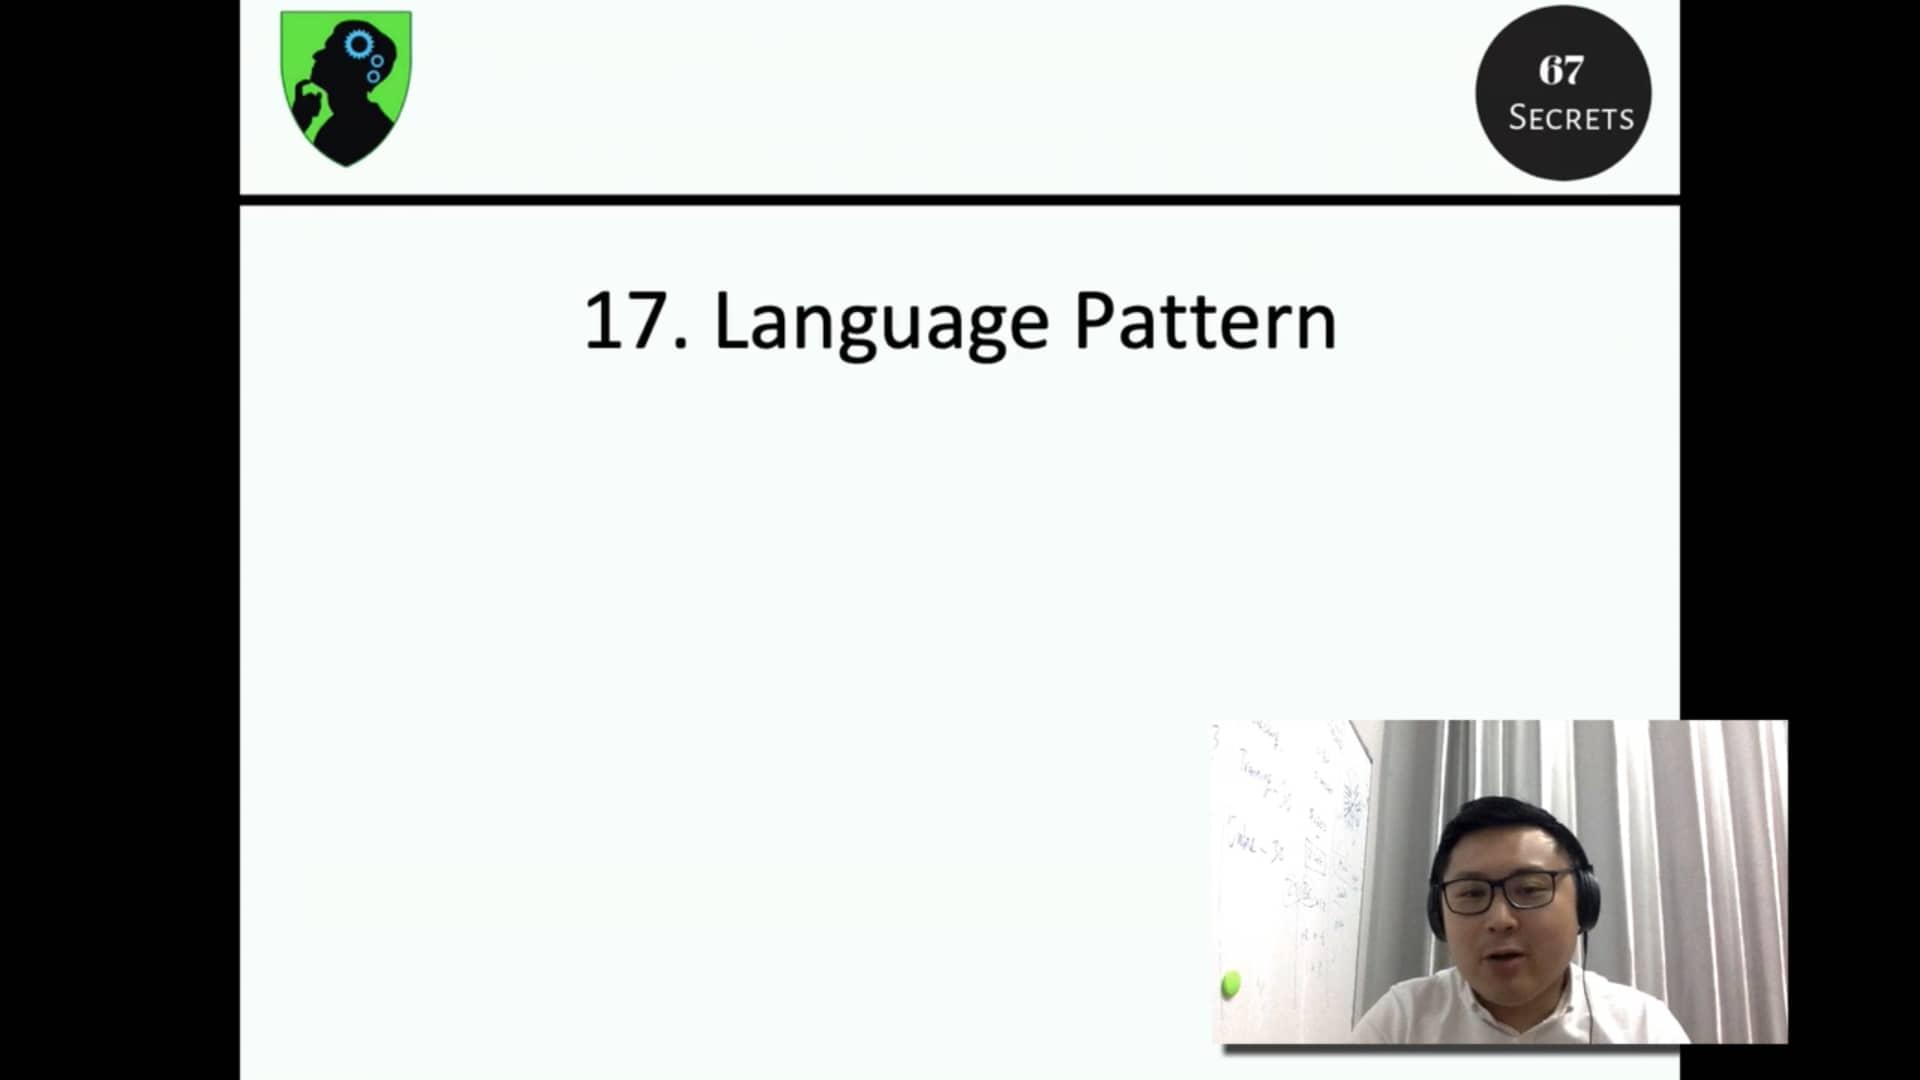 17. Language Pattern